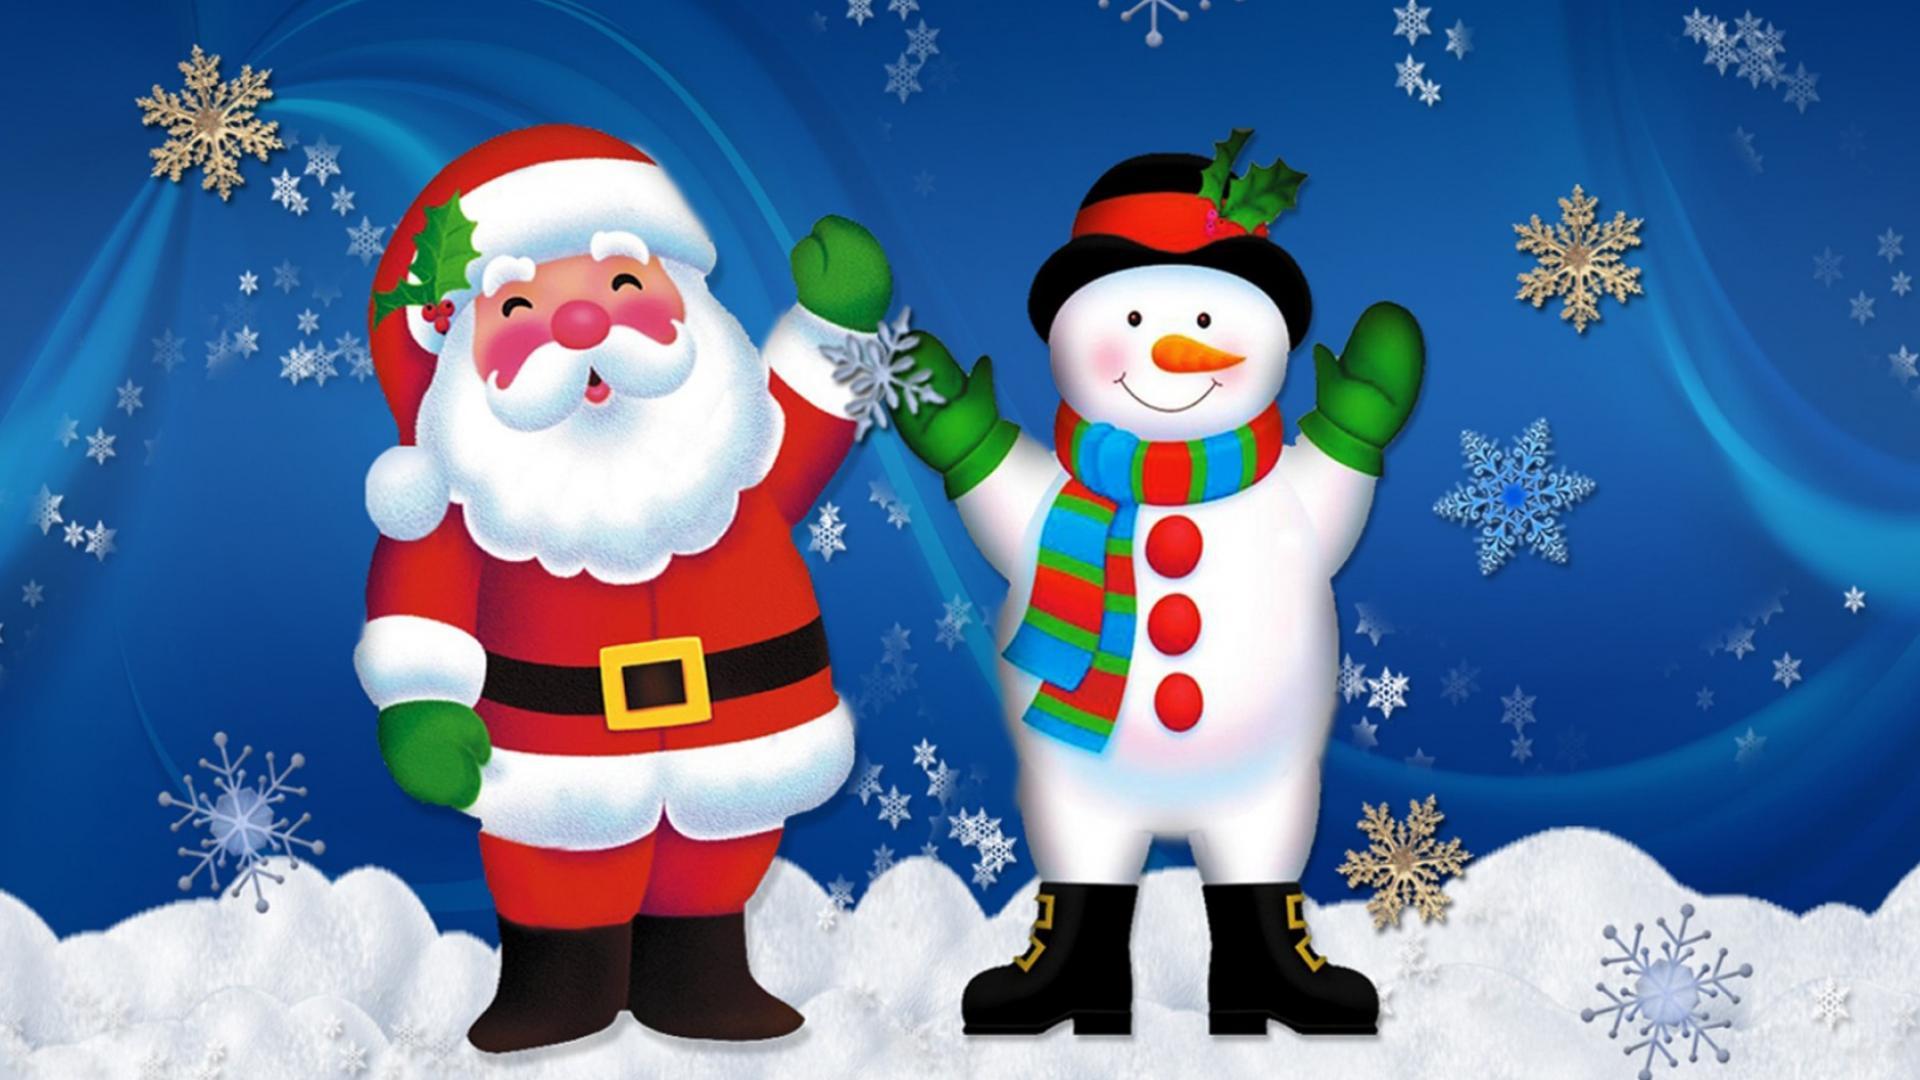 Дед Мороз и Снеговик - C наступающим новым годом 2019 поздравительные картинки